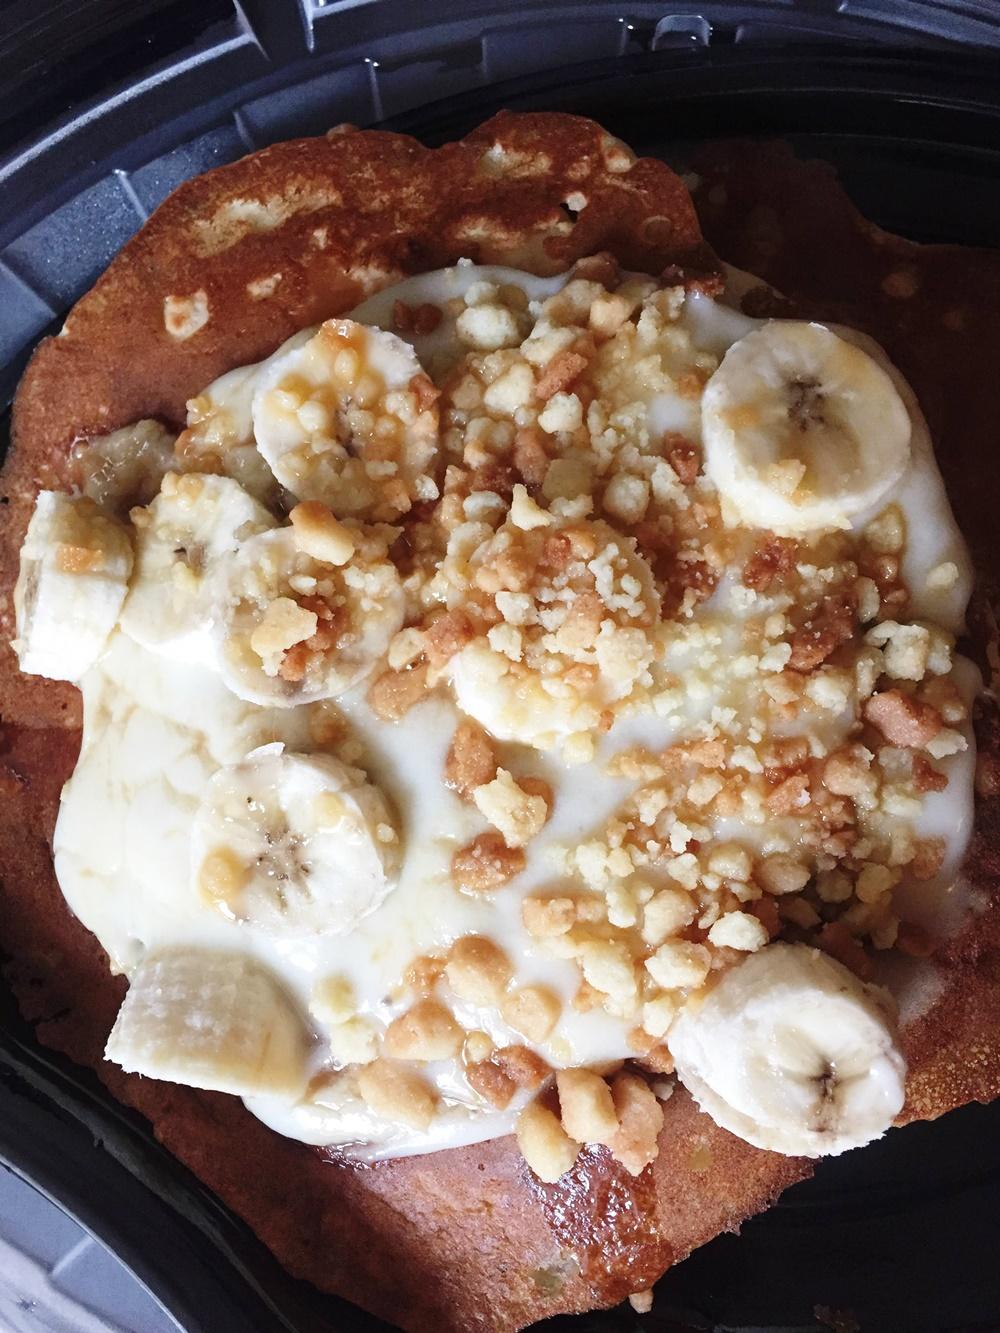 denny's pancake breakfast